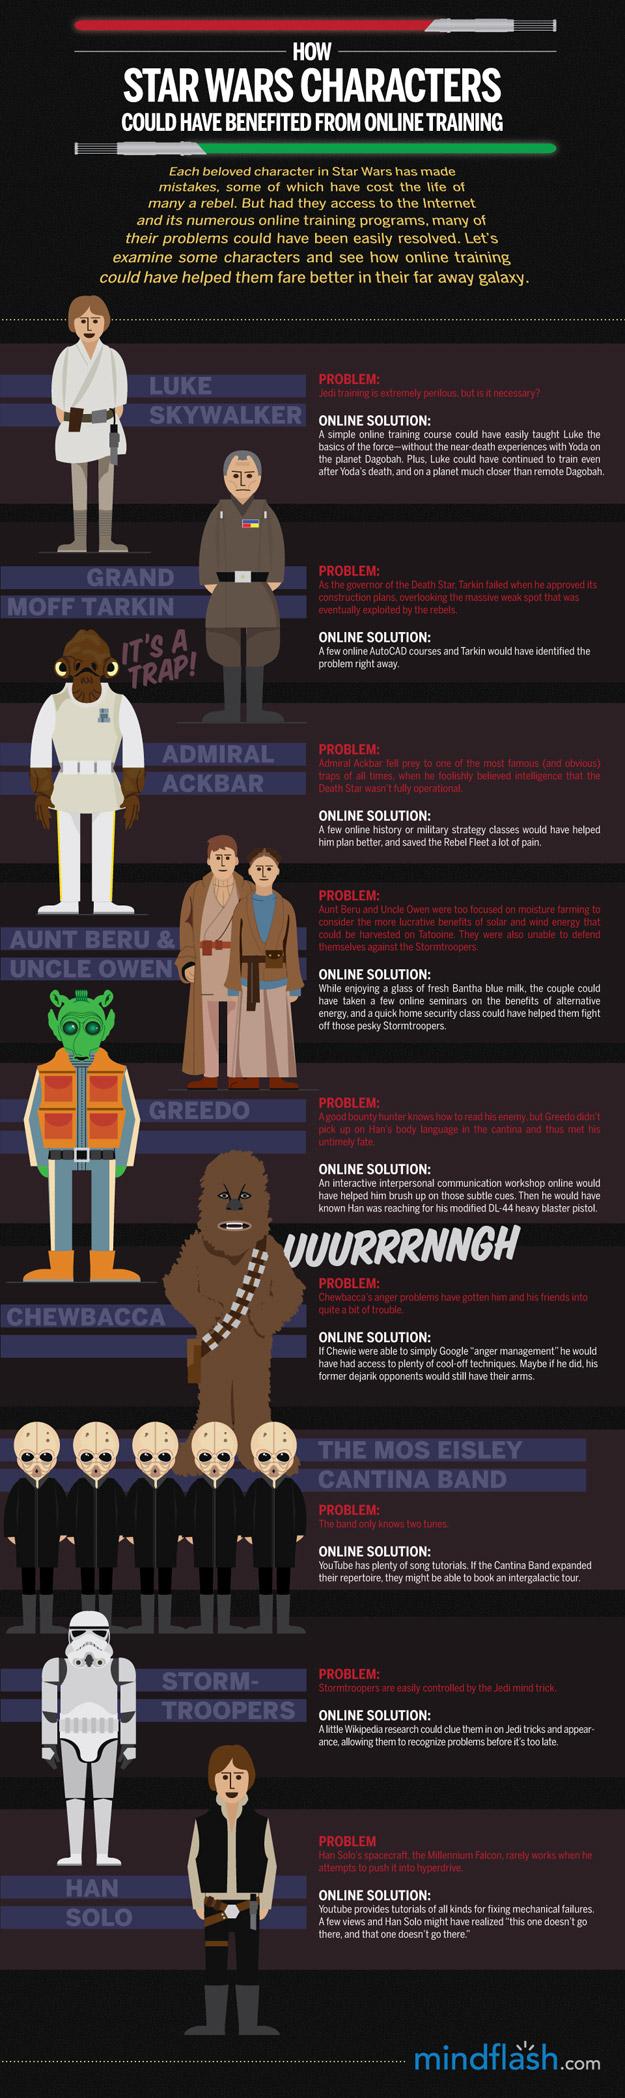 E Se Os Personagens de Star Wars Tivessem O Google [Infográfico]